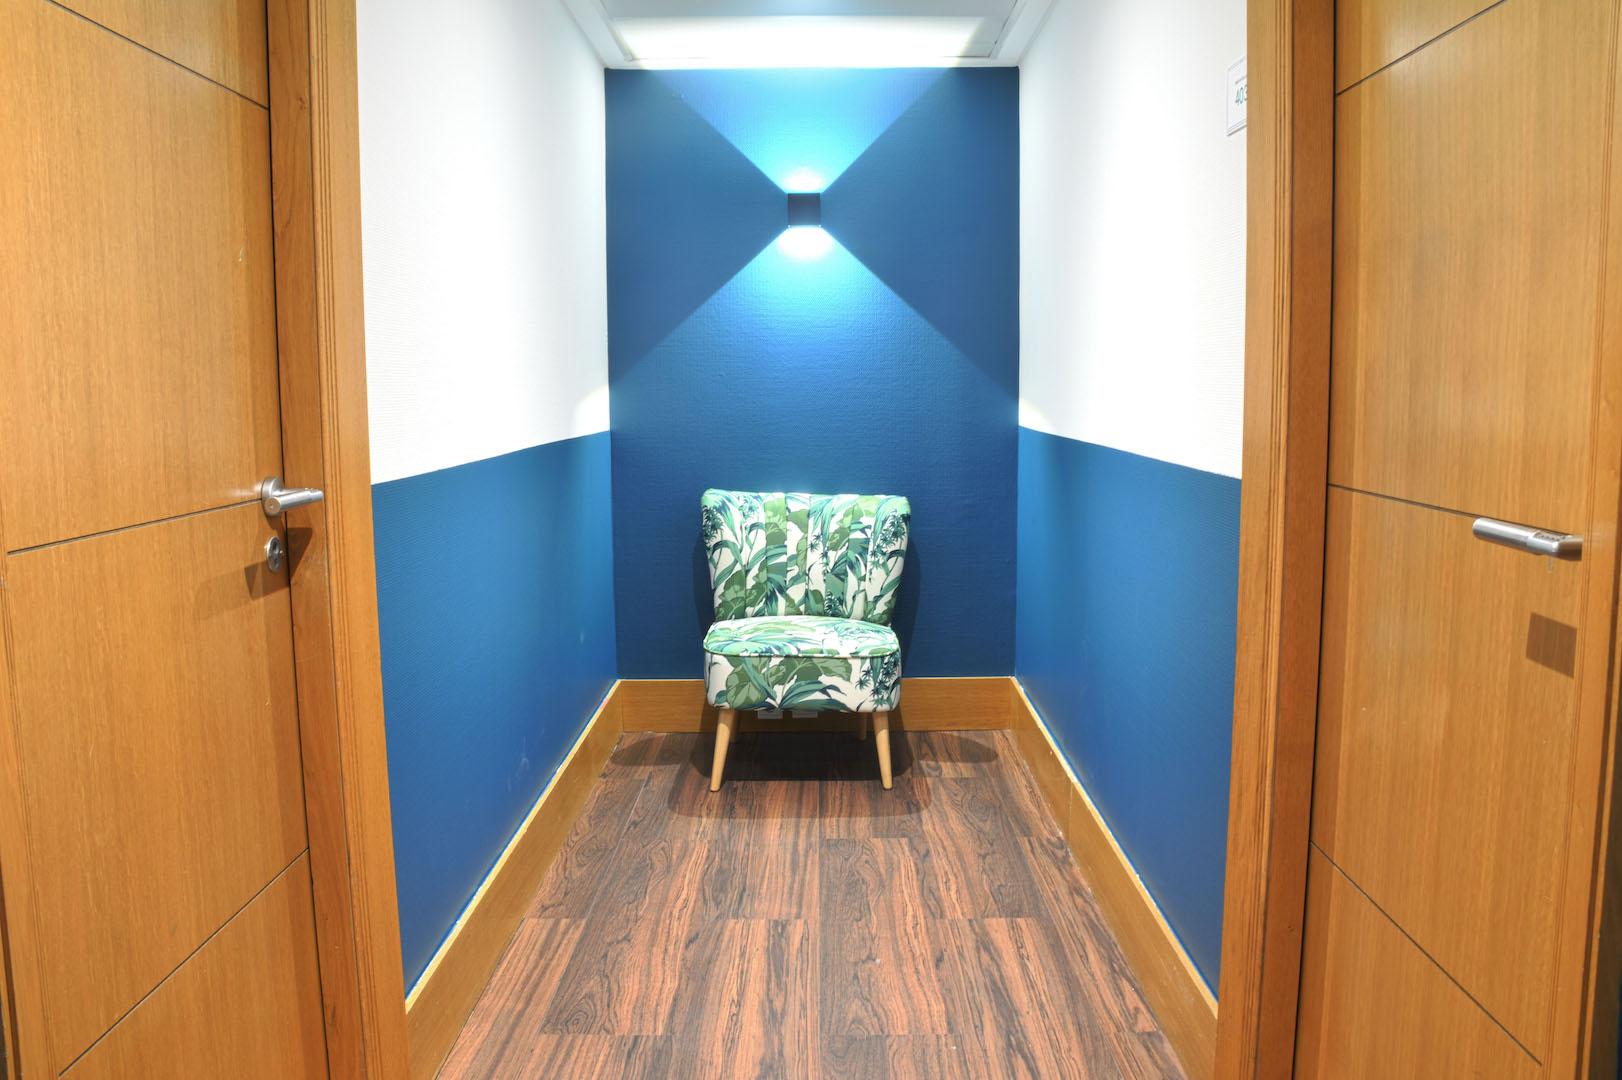 couloir avec fauteuil confortable et mur coloré en bleu et blanc dans un business center proposant des bureaux à louer dans Paris